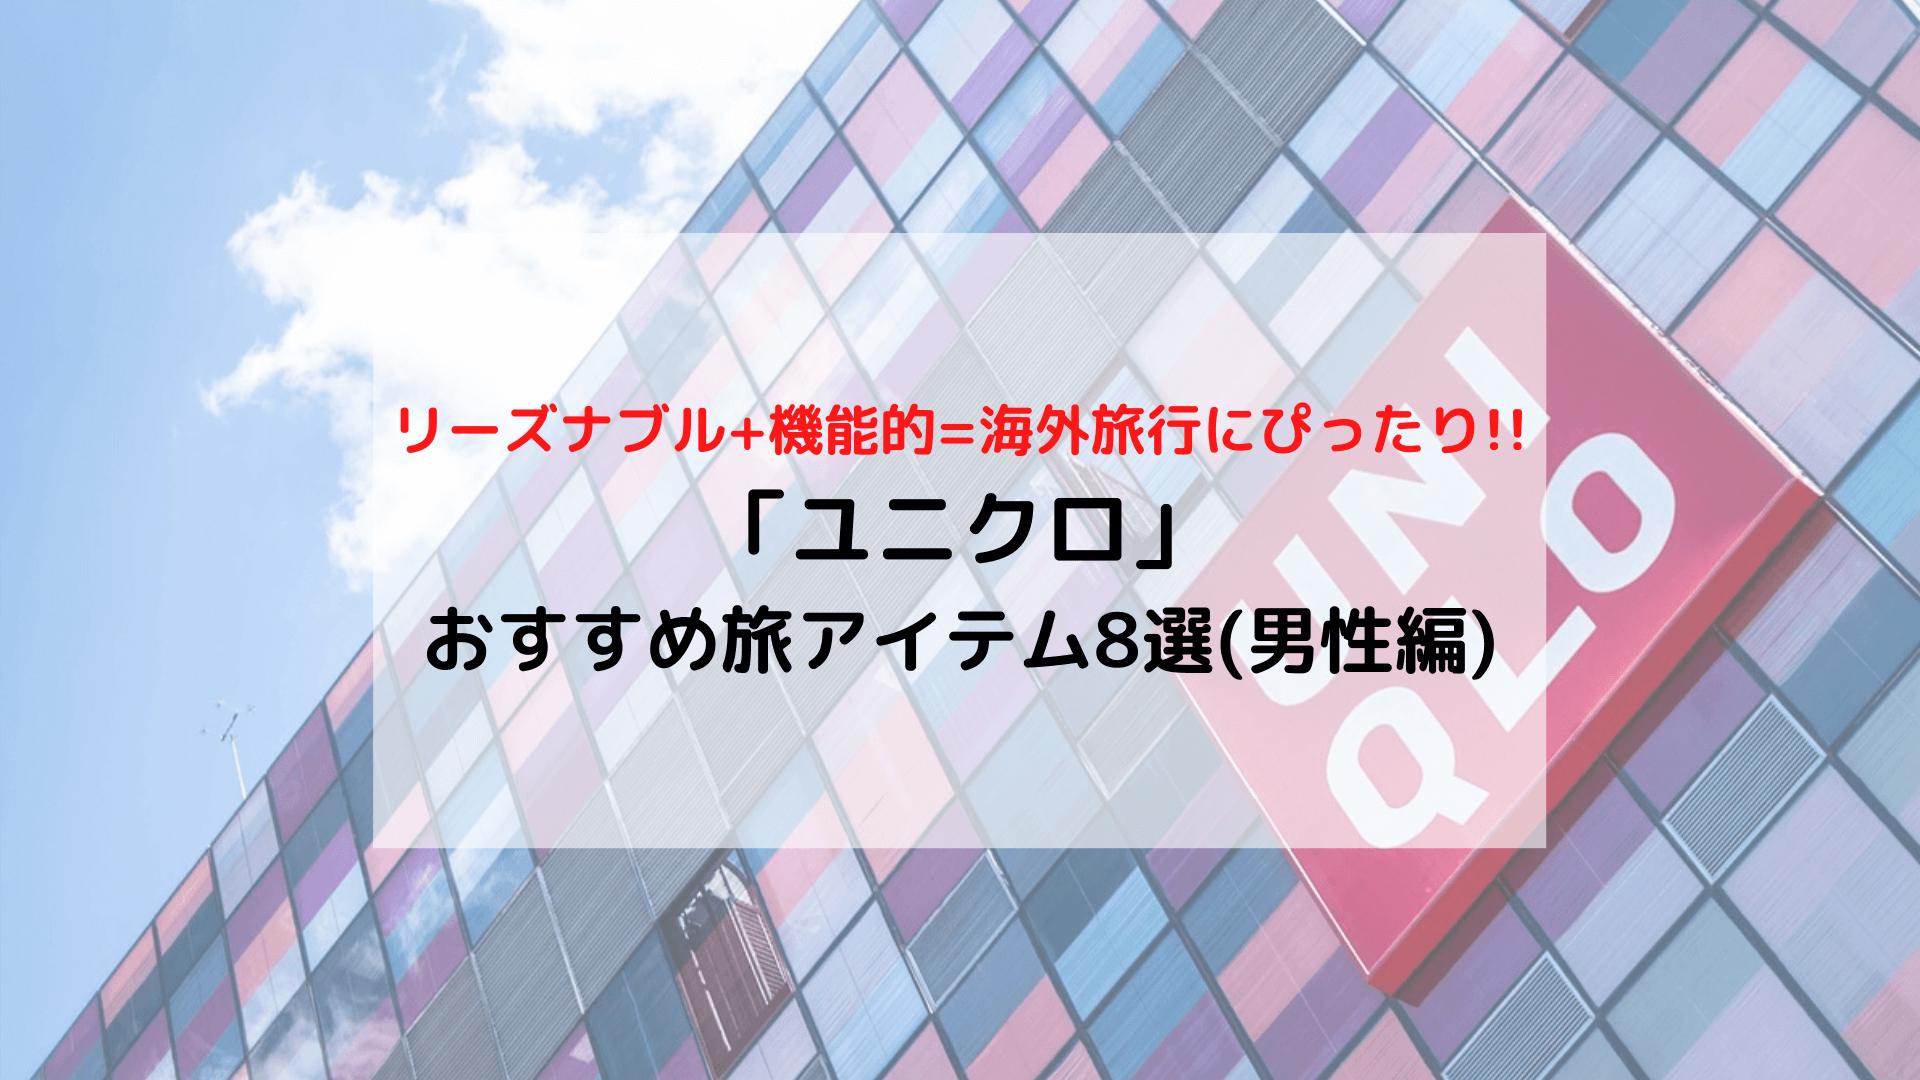 ユニクロおすすめ旅アイテム8選(男性編)